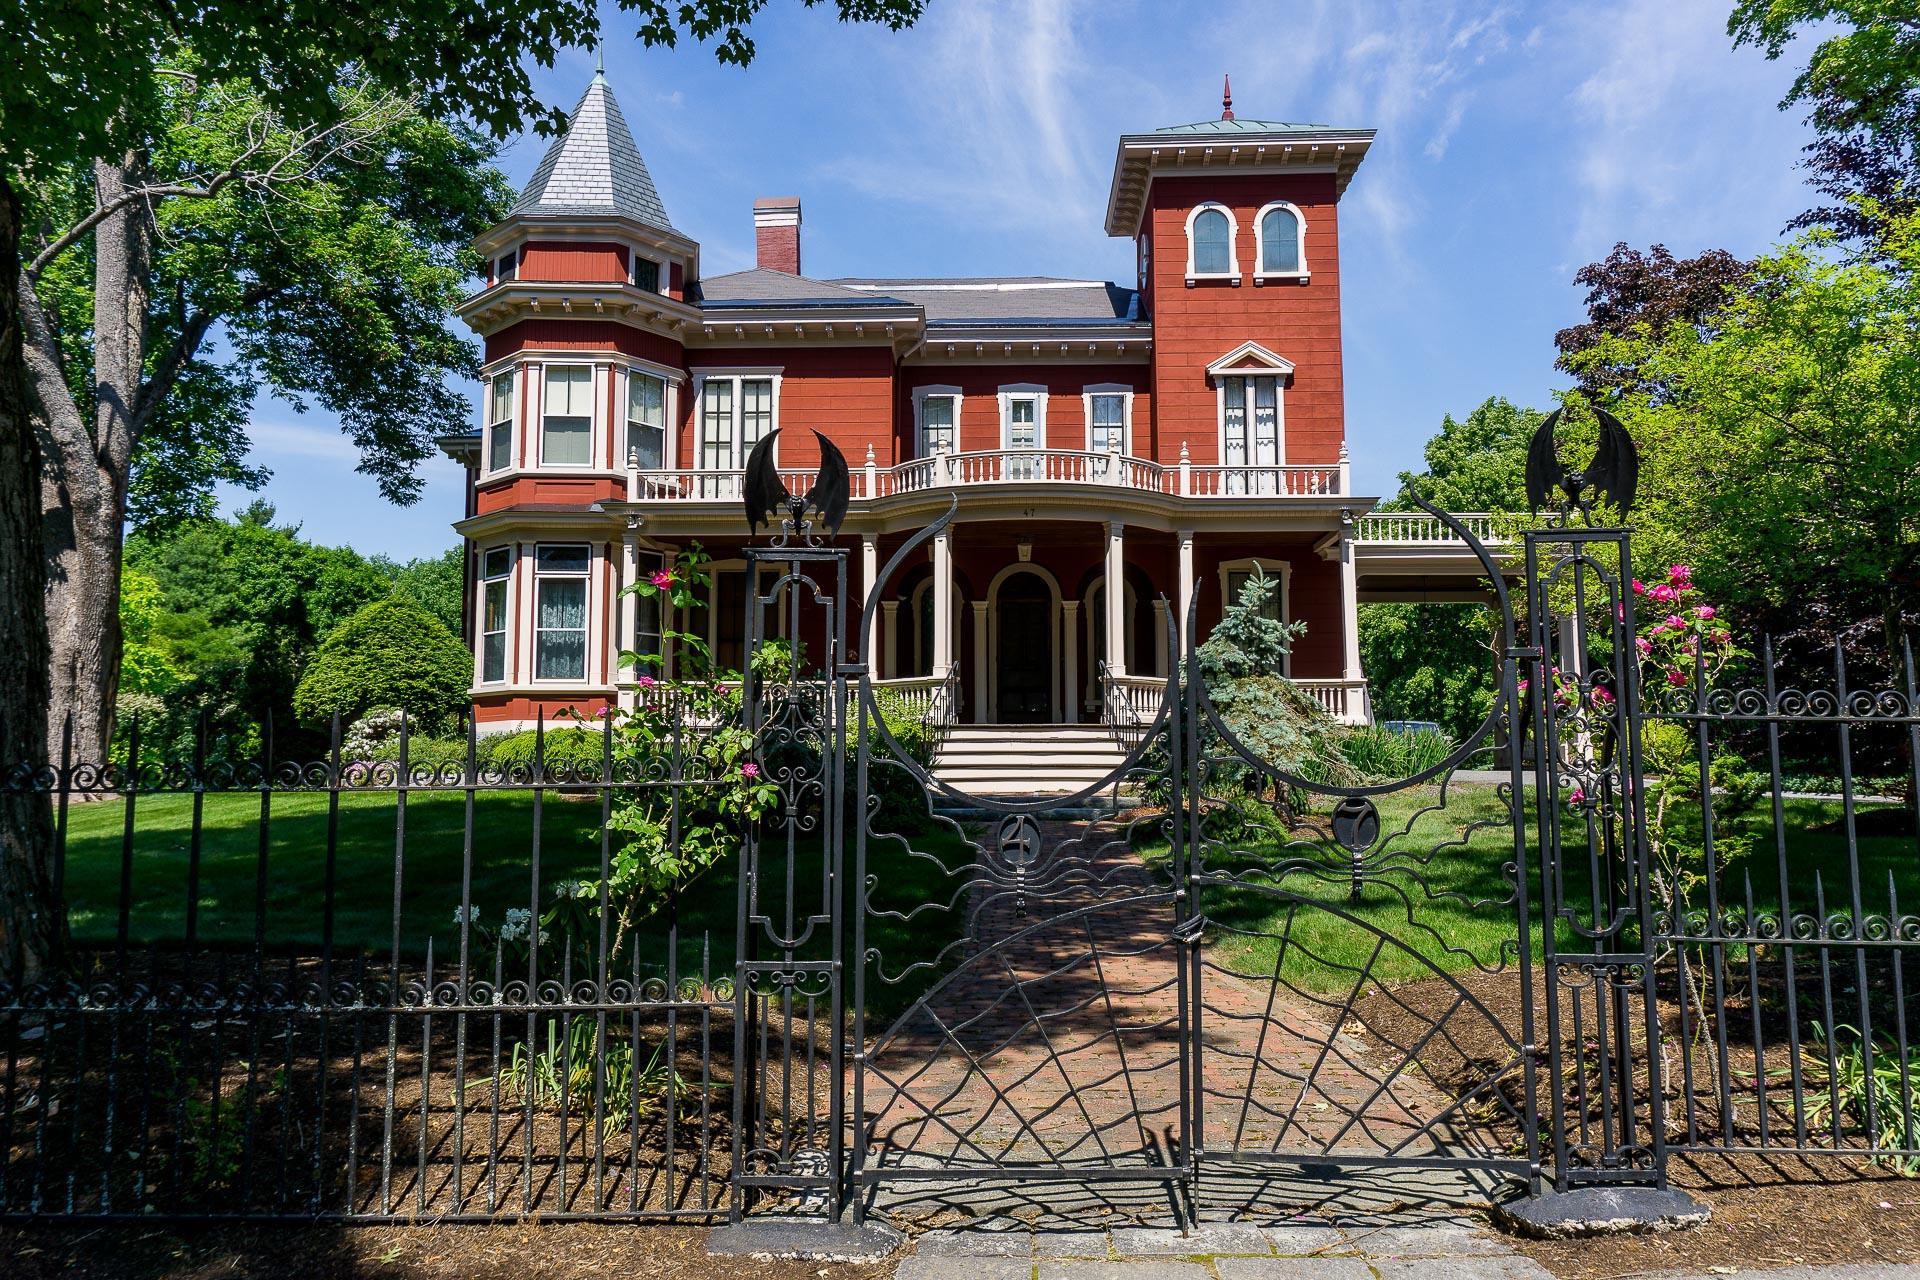 Dimanche 29 janvier: la maison de Stephen King à Bangor, ME